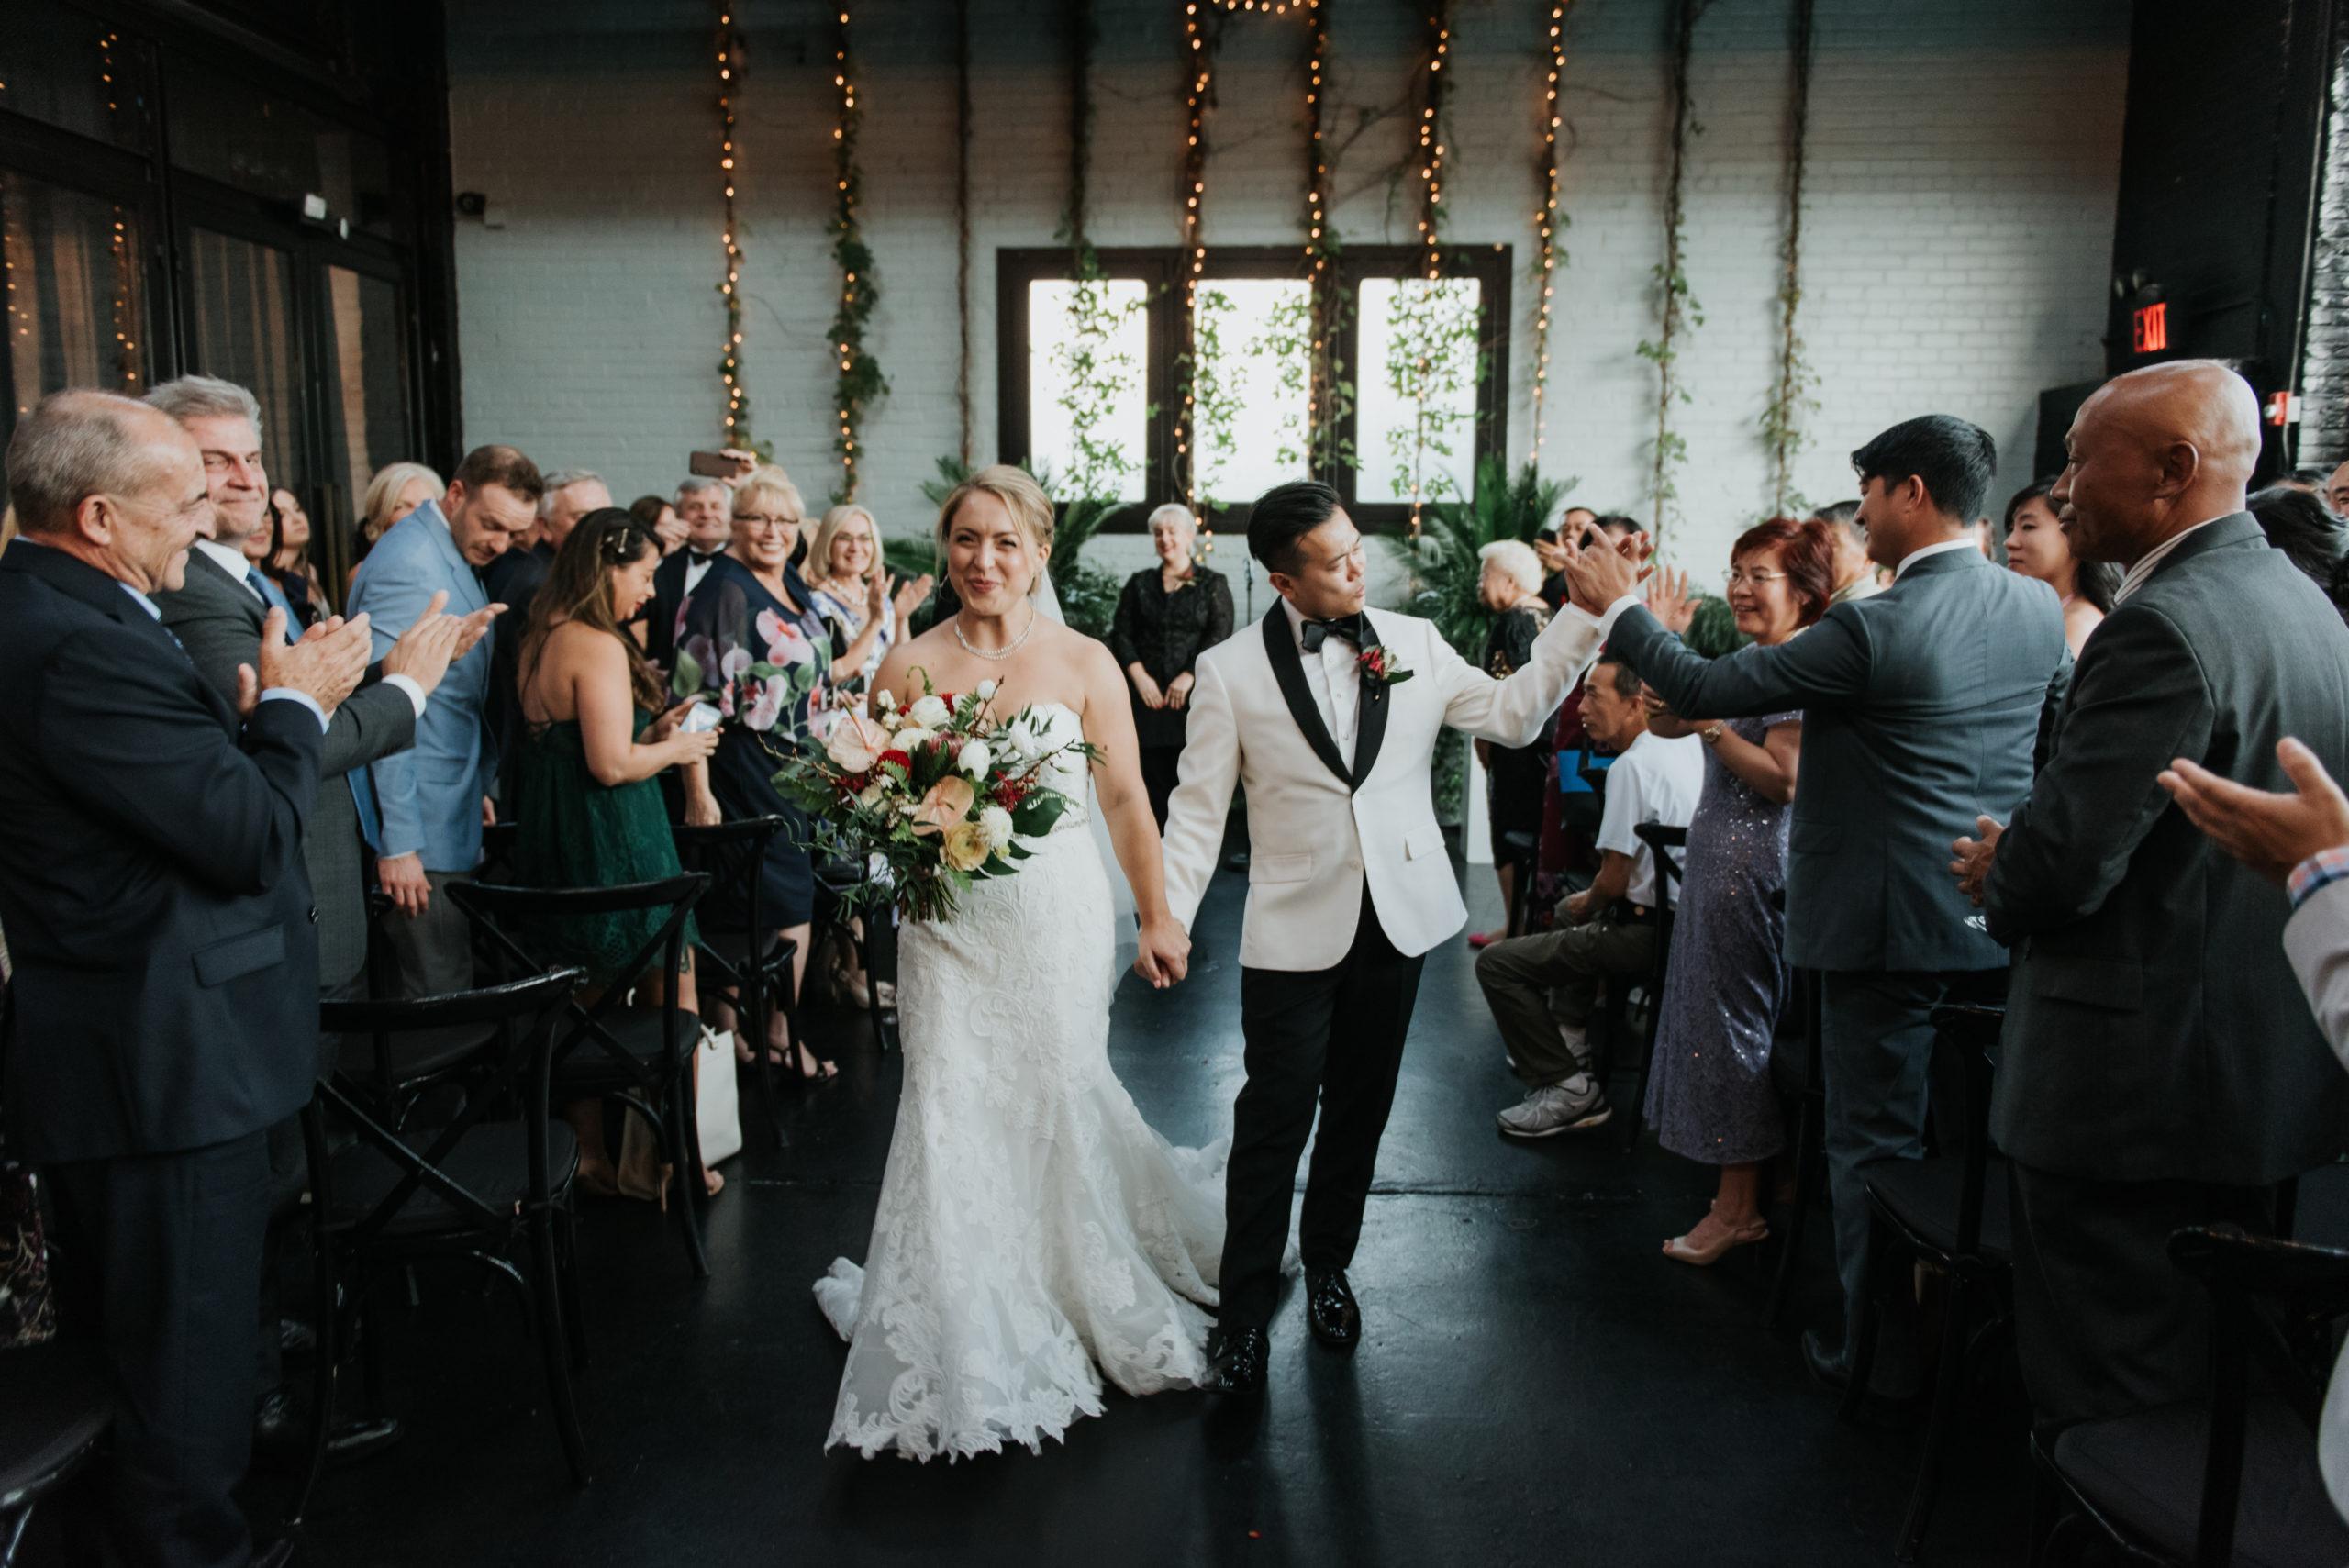 Stylish Tropical-Inspired Wedding in Brooklyn 9